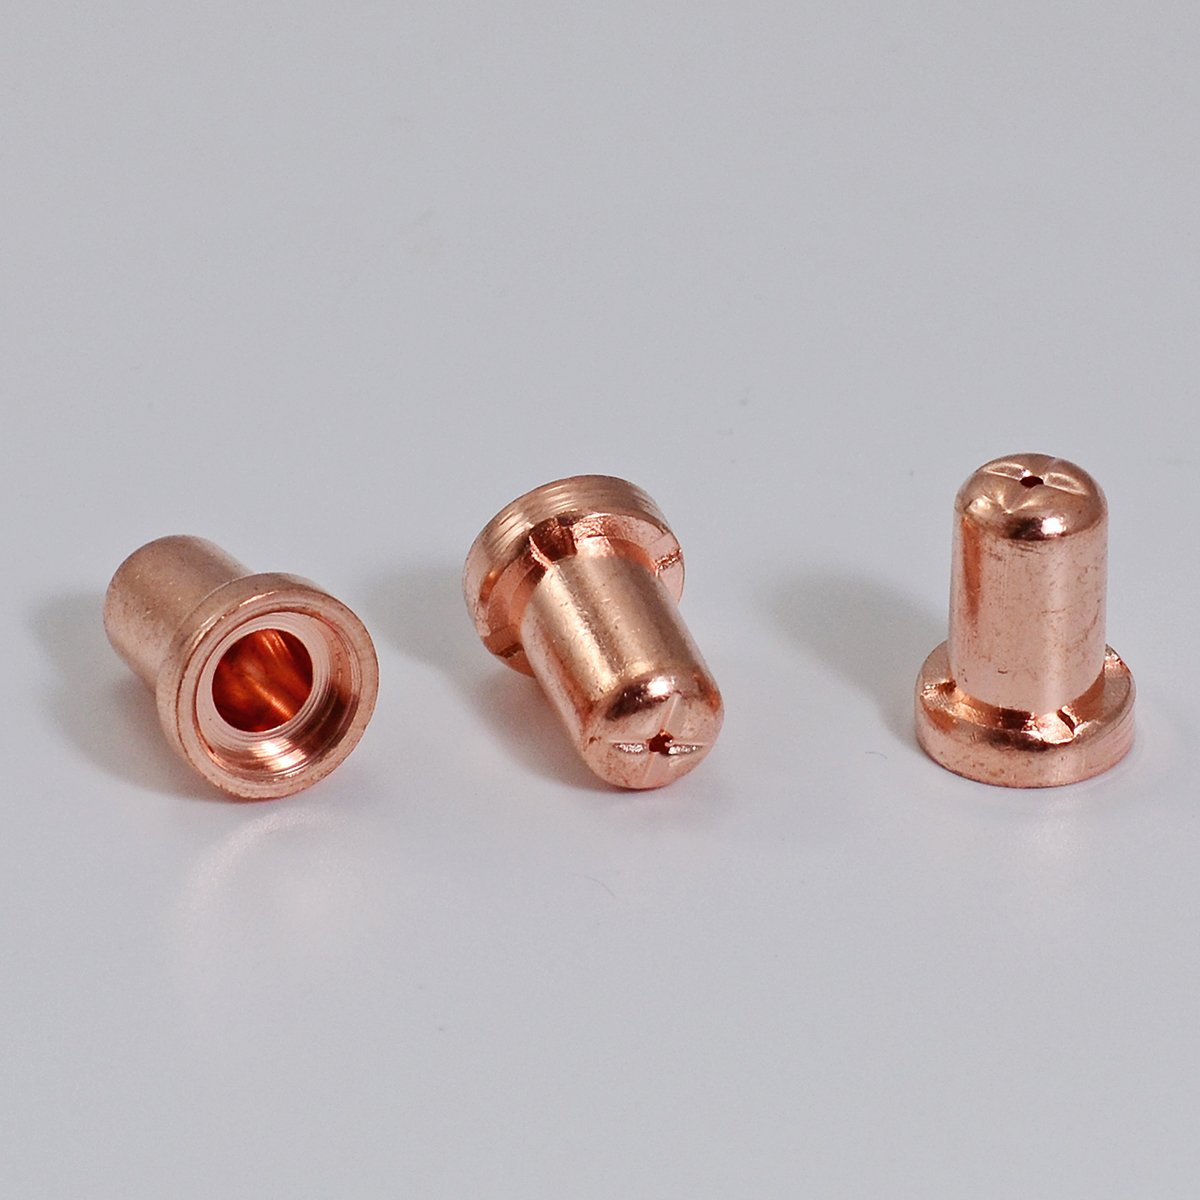 PT-31 LG-40 taglio al plasma dellugello elettrodo di taglio di consumo CUT-50 CUT-40D 40pezzi